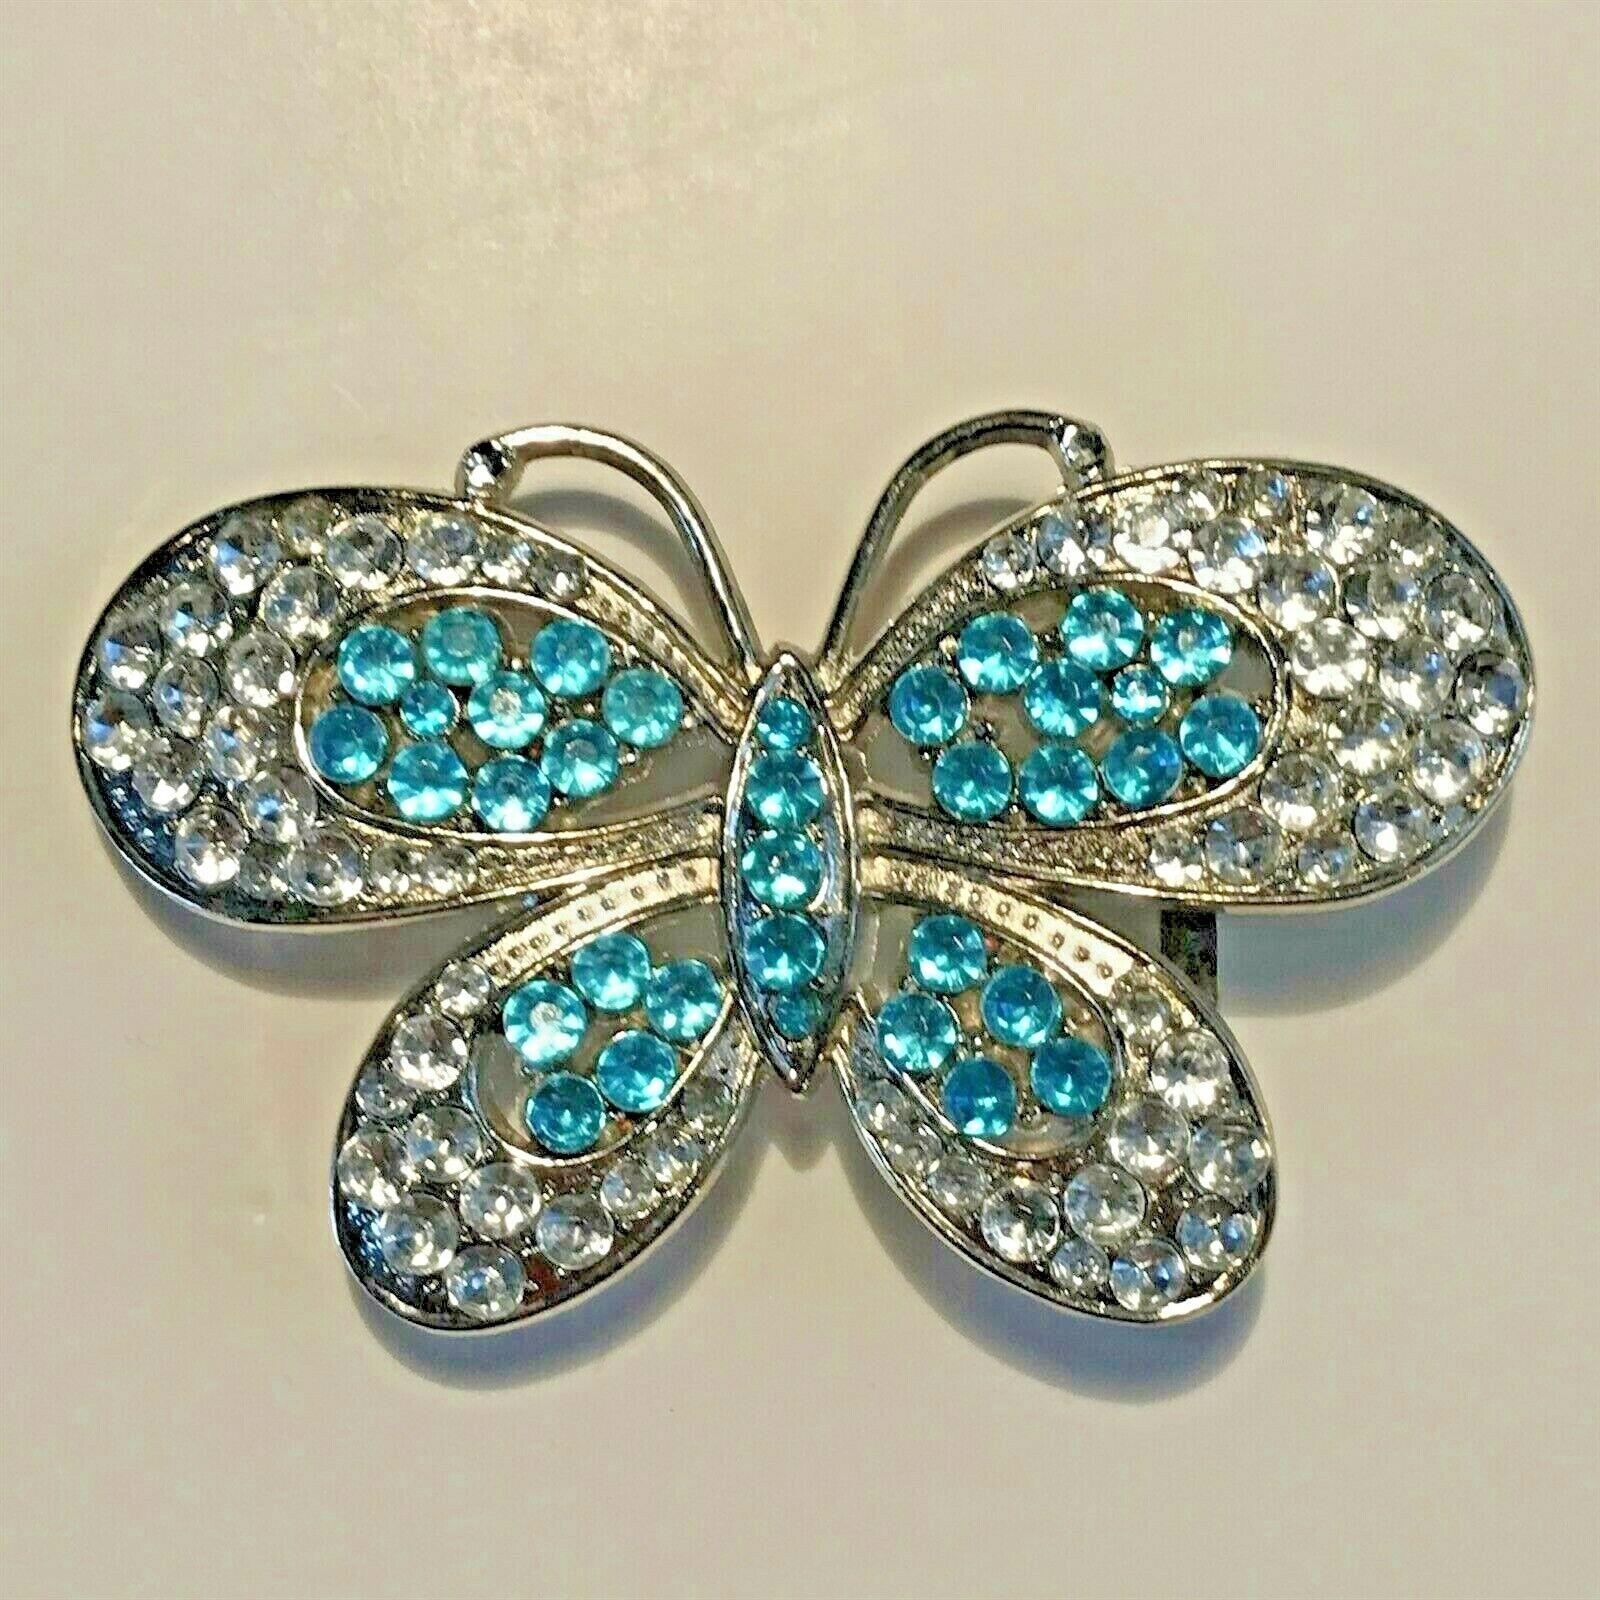 Woman's Rhinestone Butterfly Belt Buckle 2R1-15